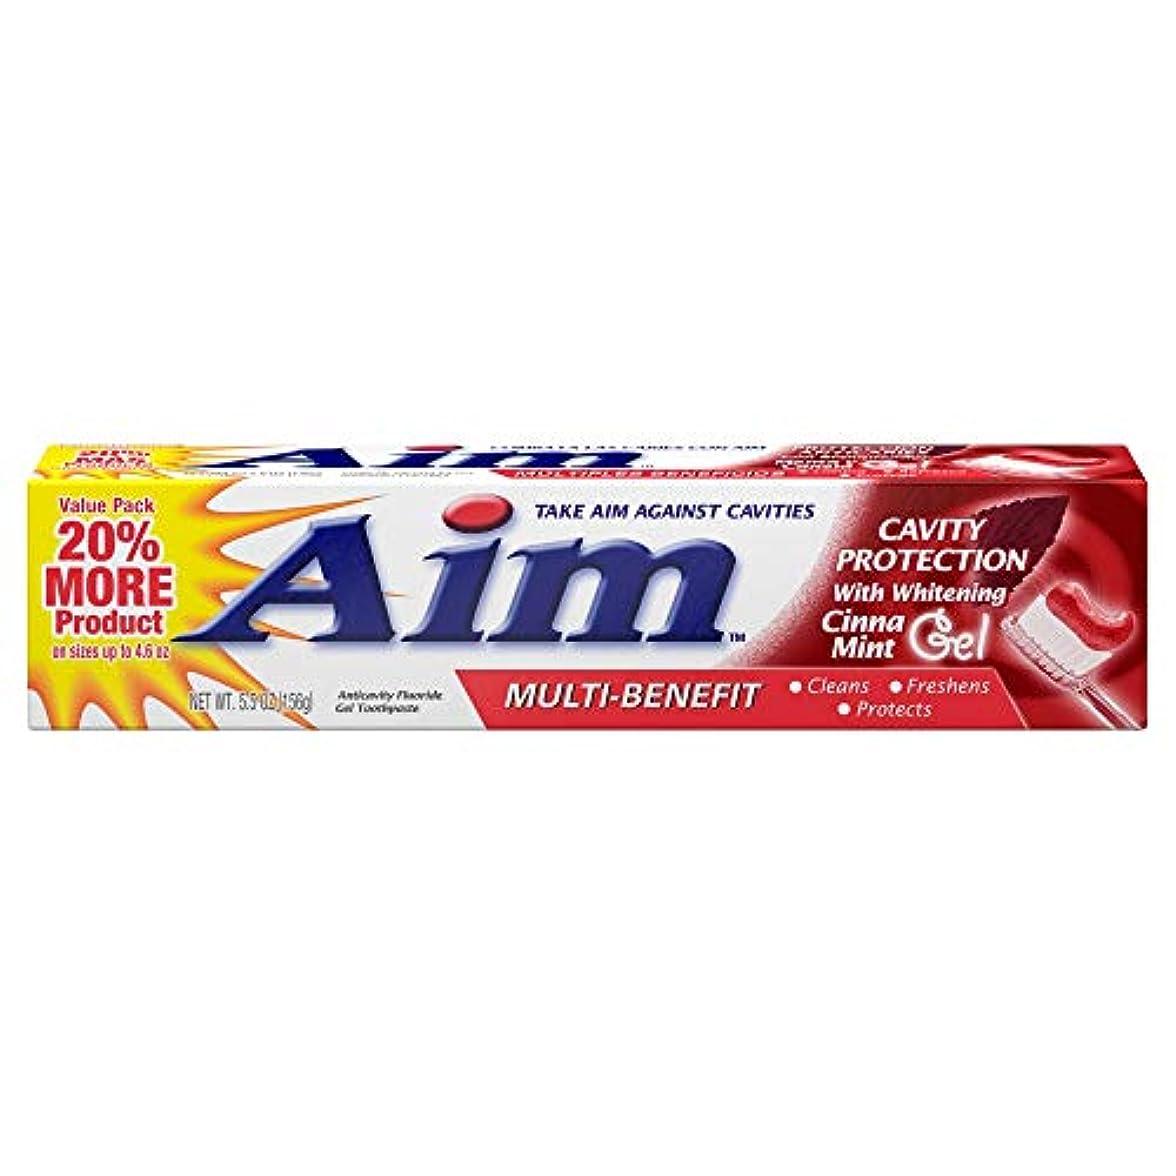 ベッツィトロットウッド武器説明的AIM キャビティ保護アンチキャビティの歯磨き粉、ミント、5.5オンスを目指します